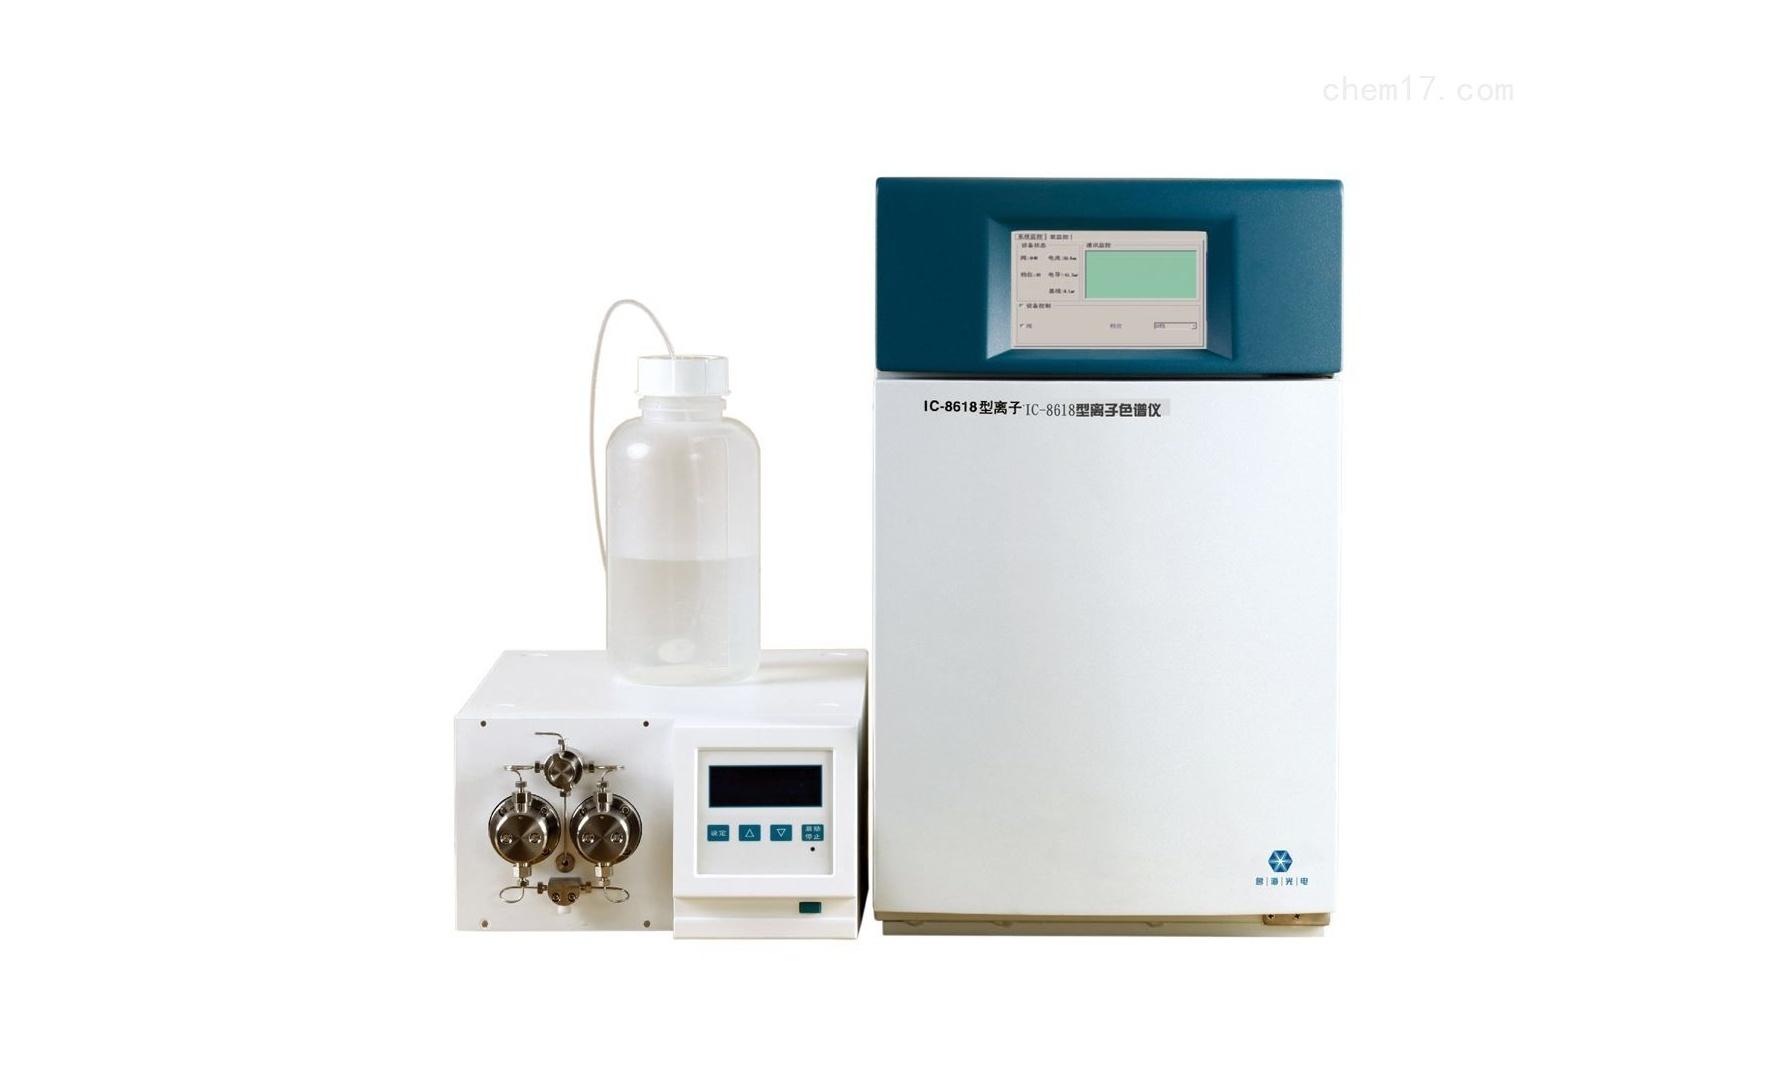 民勤县疾病预防控制中心离子色谱仪等仪器设备采购项目二次招标